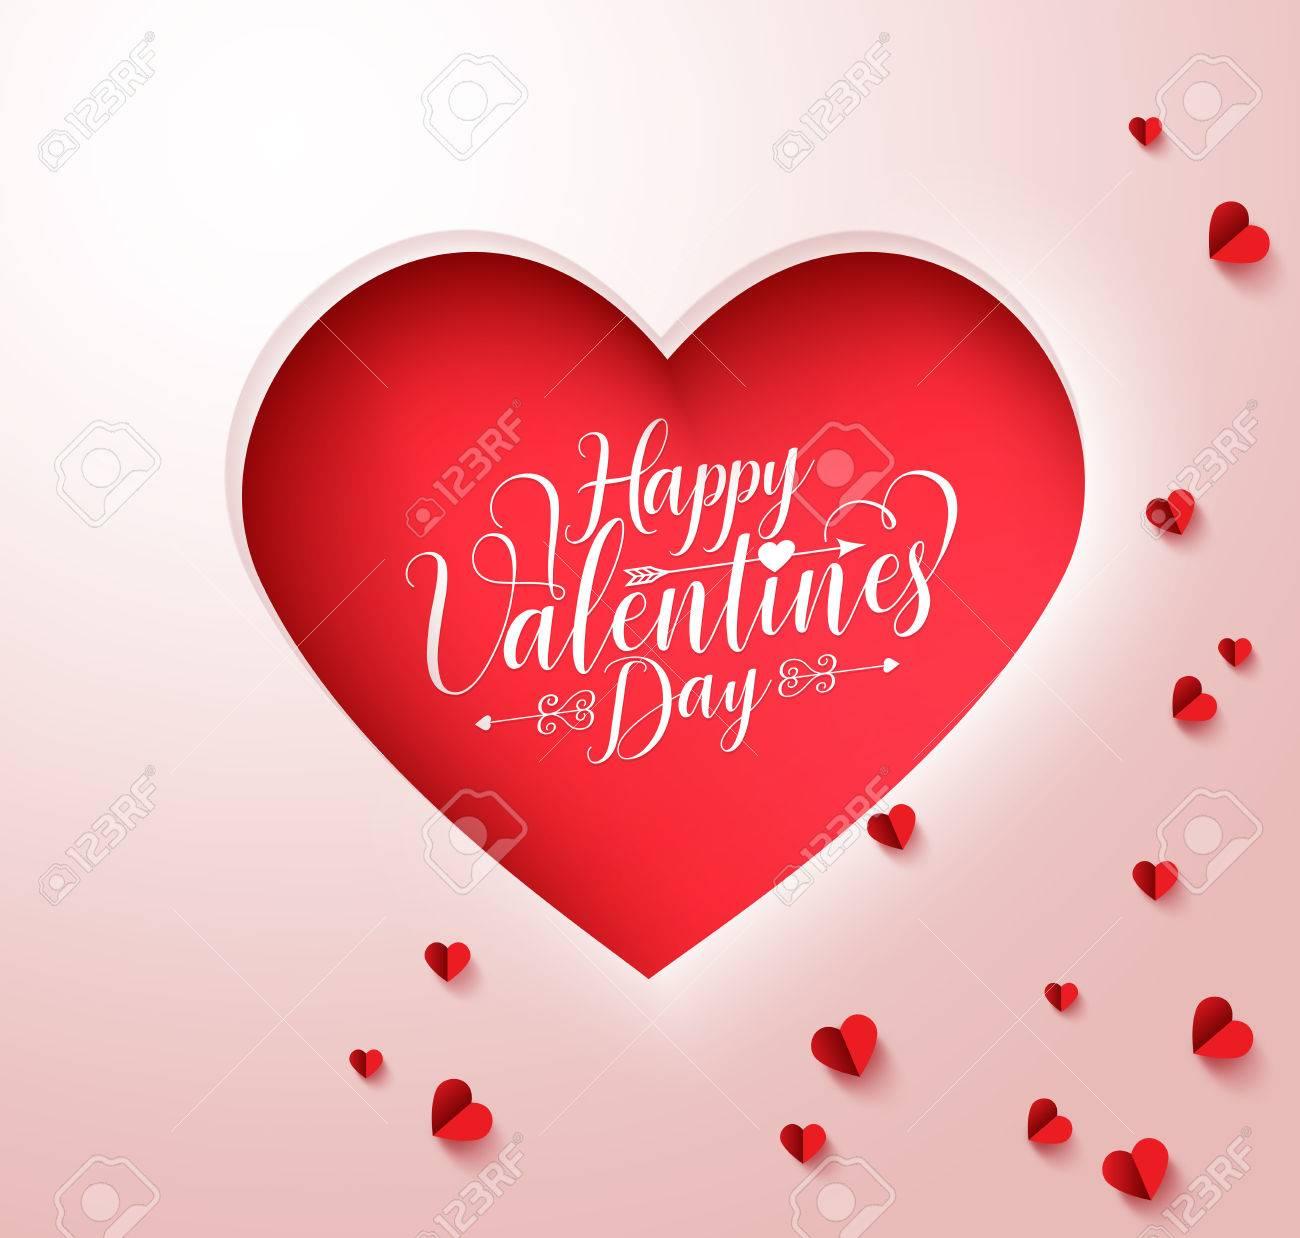 Feliz Dia De San Valentin Texto De La Tipografia En El Corazon De - Corazones-de-decoracion